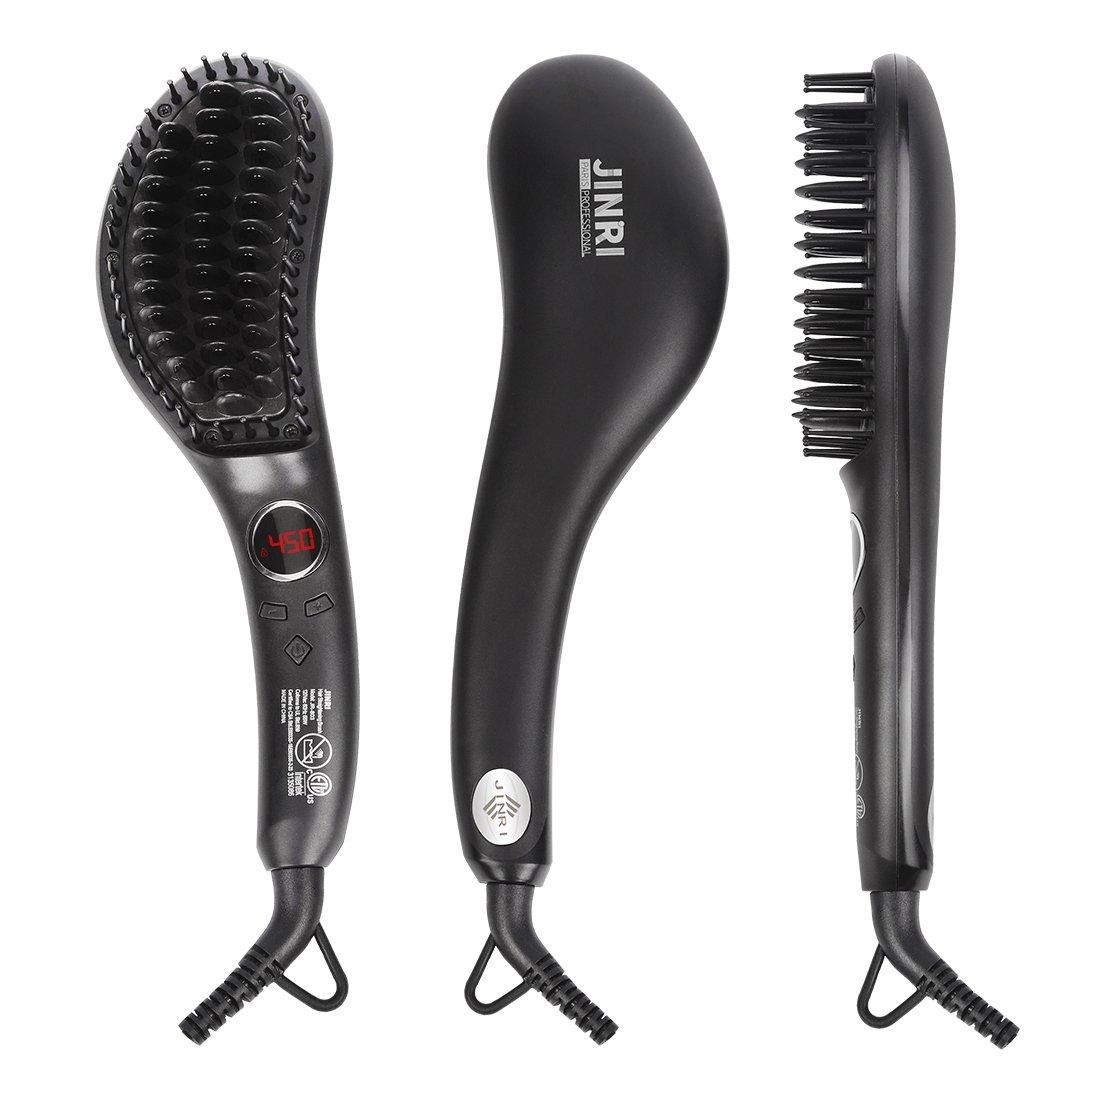 Hair Straightener Brush - Electric Ionic Ceramic Hair Straightening Brush,Hot Fast Heating Straightener Brush,Tempreture Lock & Auto Shut Off Function,Black